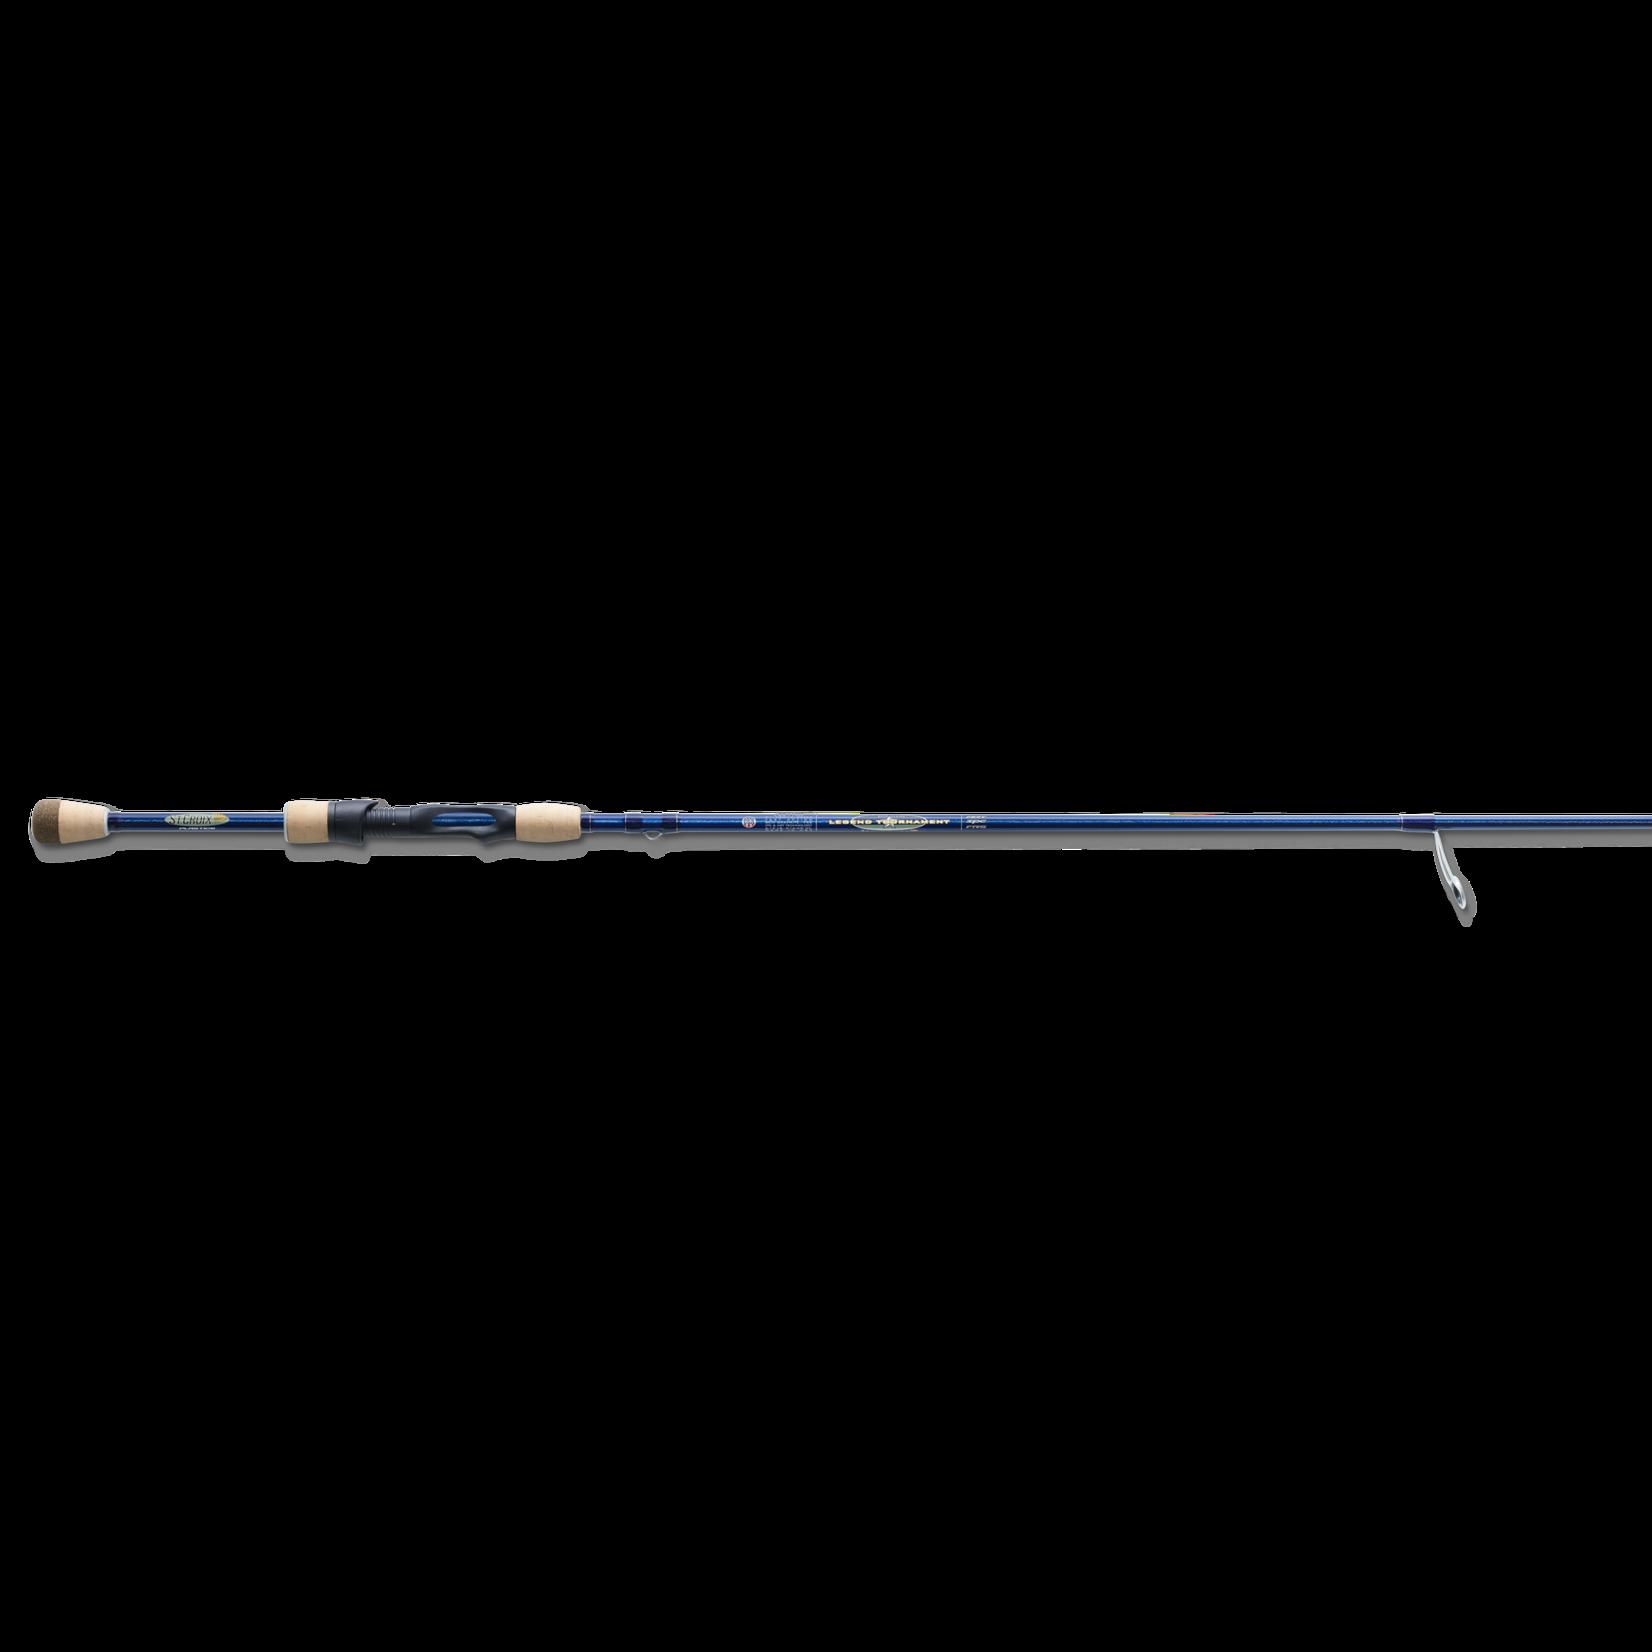 St. Croix Legend Tournament Bass Spinning/Lbs610Mxf